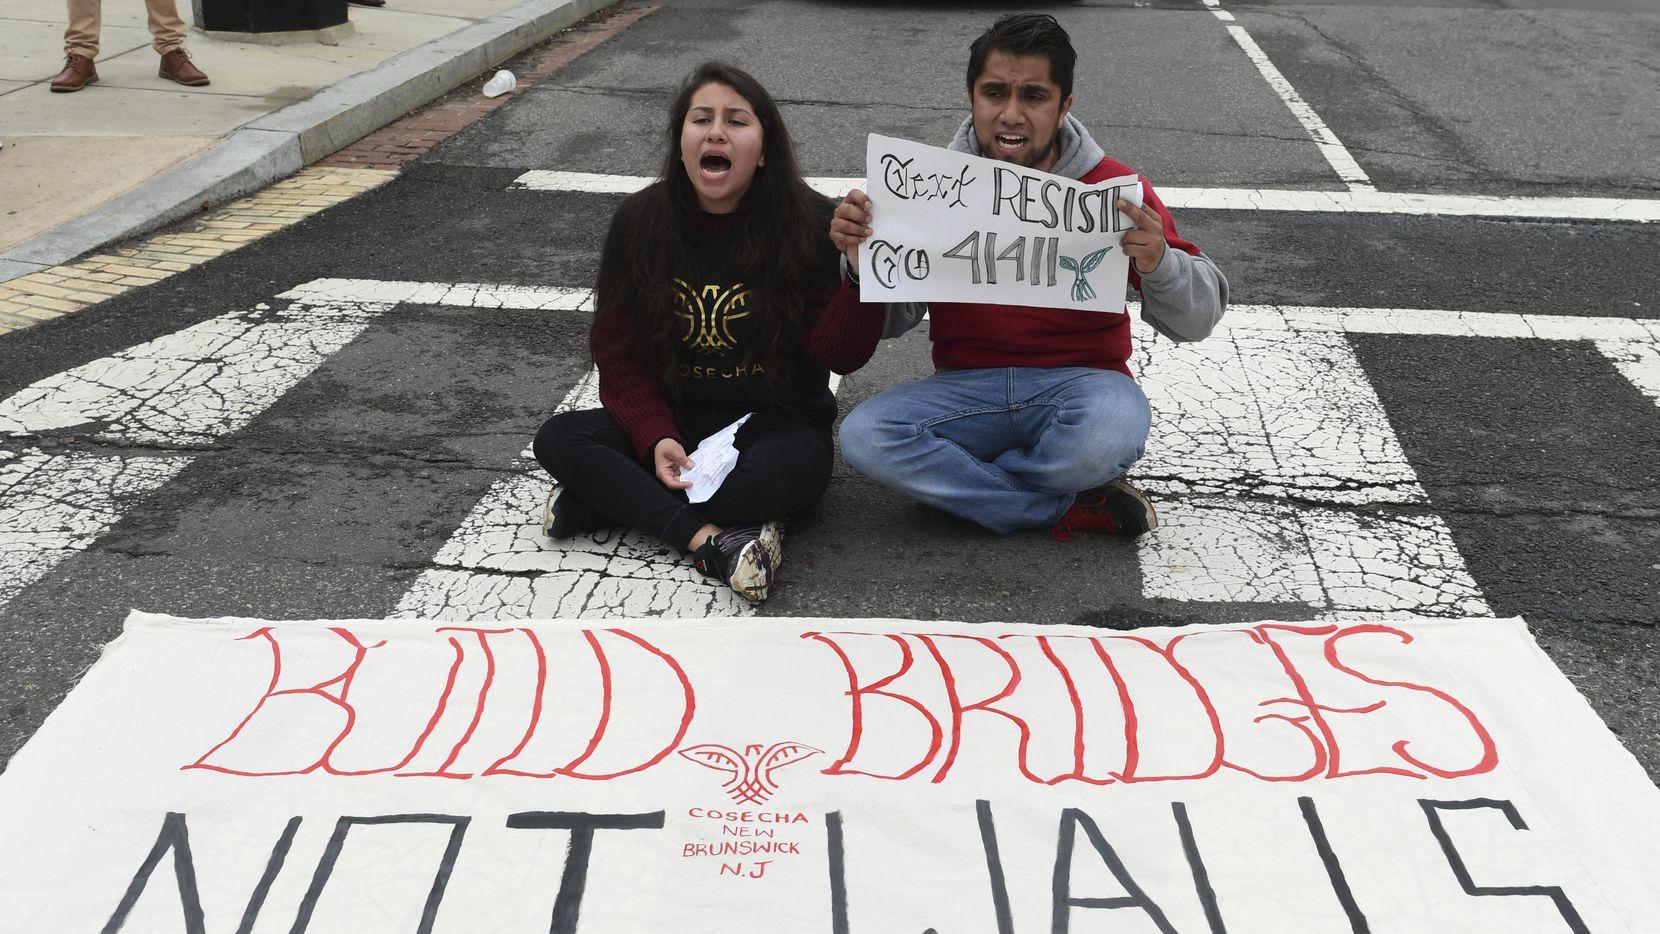 Dos personas no identificadas protestaron frente al Congreso el jueves, pidiendo una reforma migratoria que incluya alivio a los dreamers.(AP)